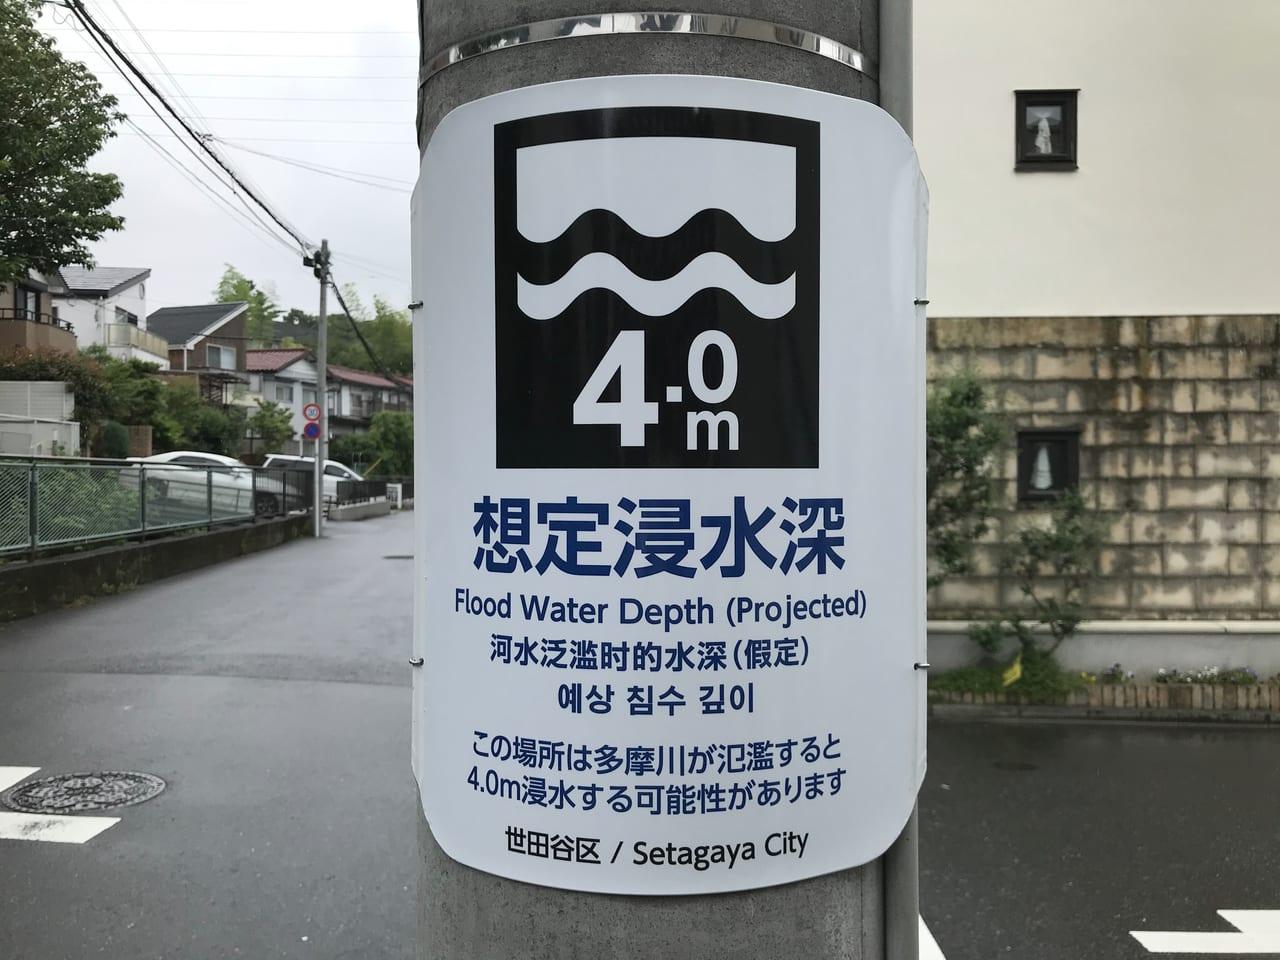 世田谷区想定浸水深4M